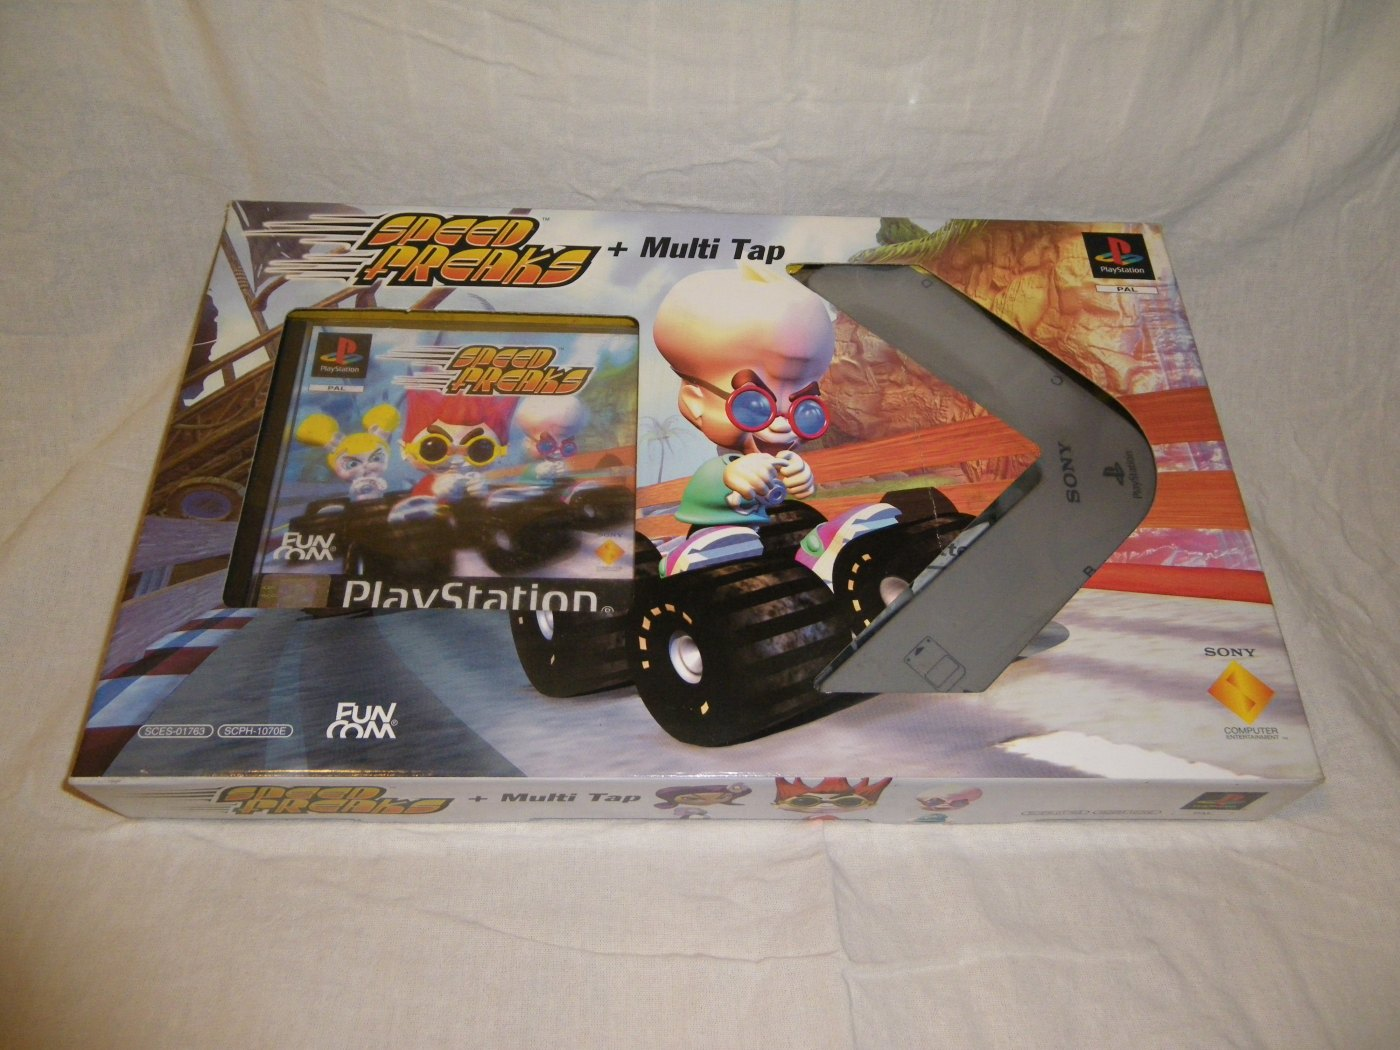 PS1] Speed Freaks + Multi Tap Bundle Eastern European Variant |